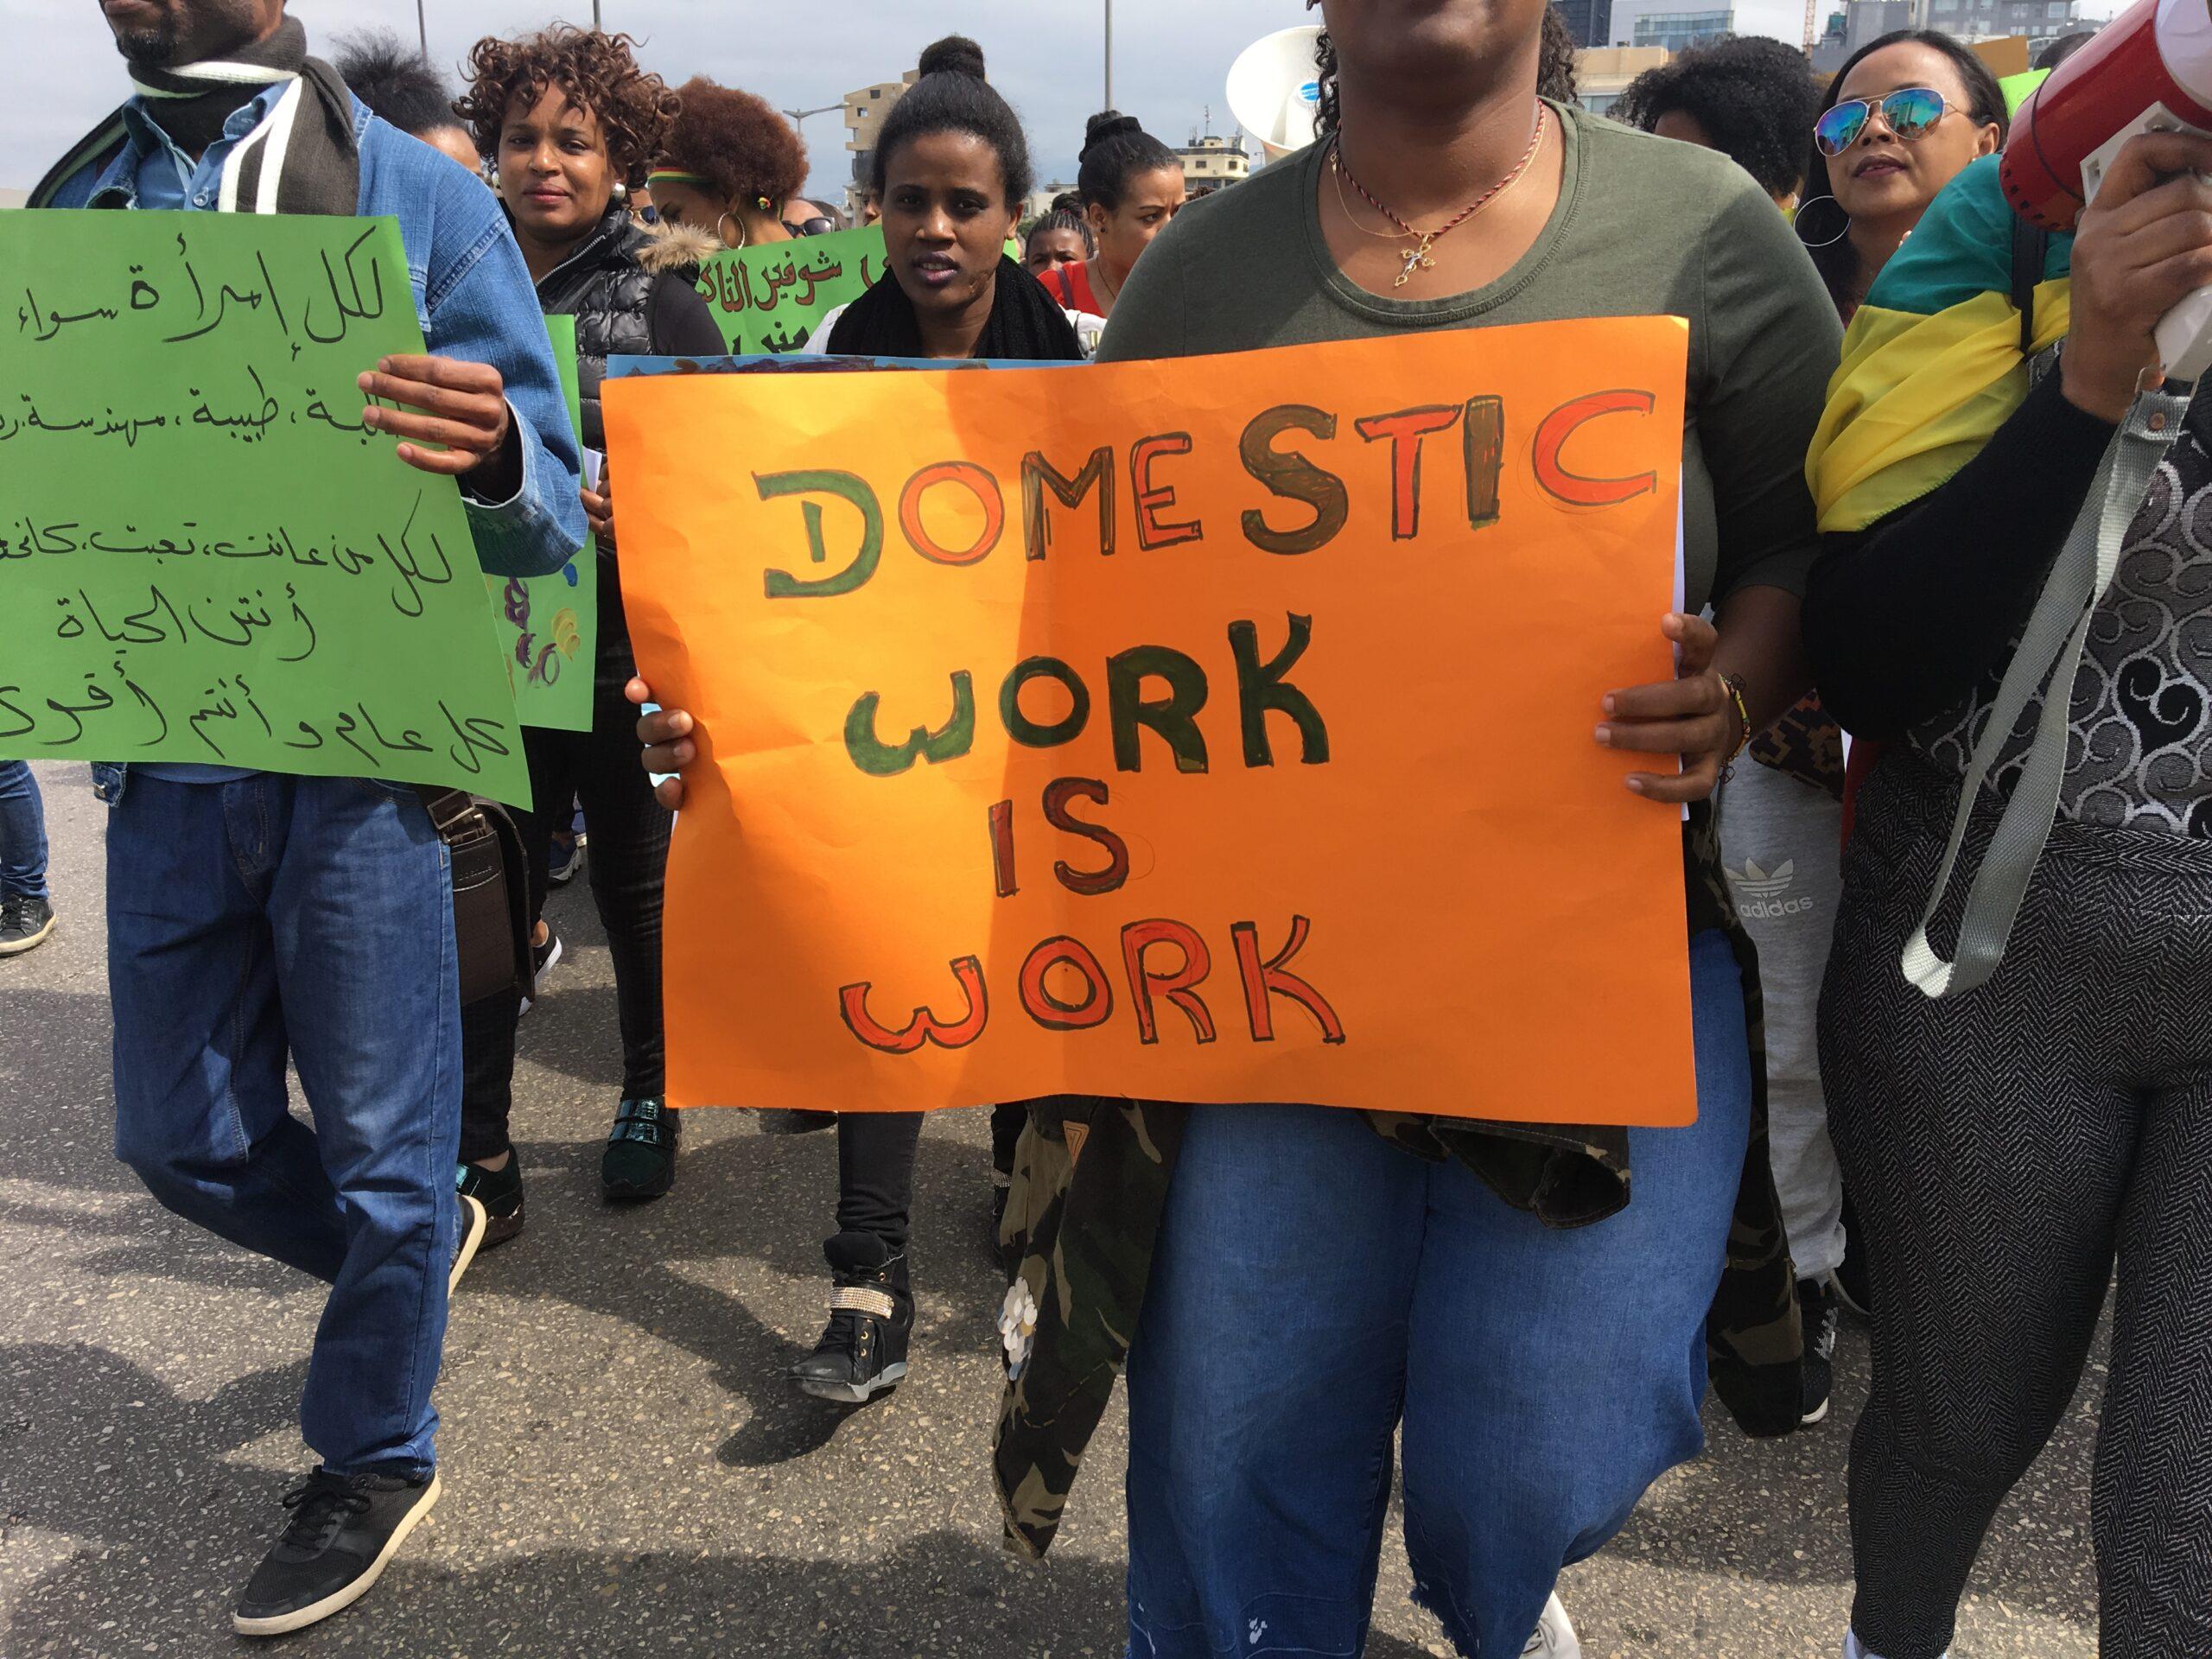 العاملات المهاجرات يغادرن تحت رصاص الأزمة الاقتصادية: القدرة على التحمل محدودة